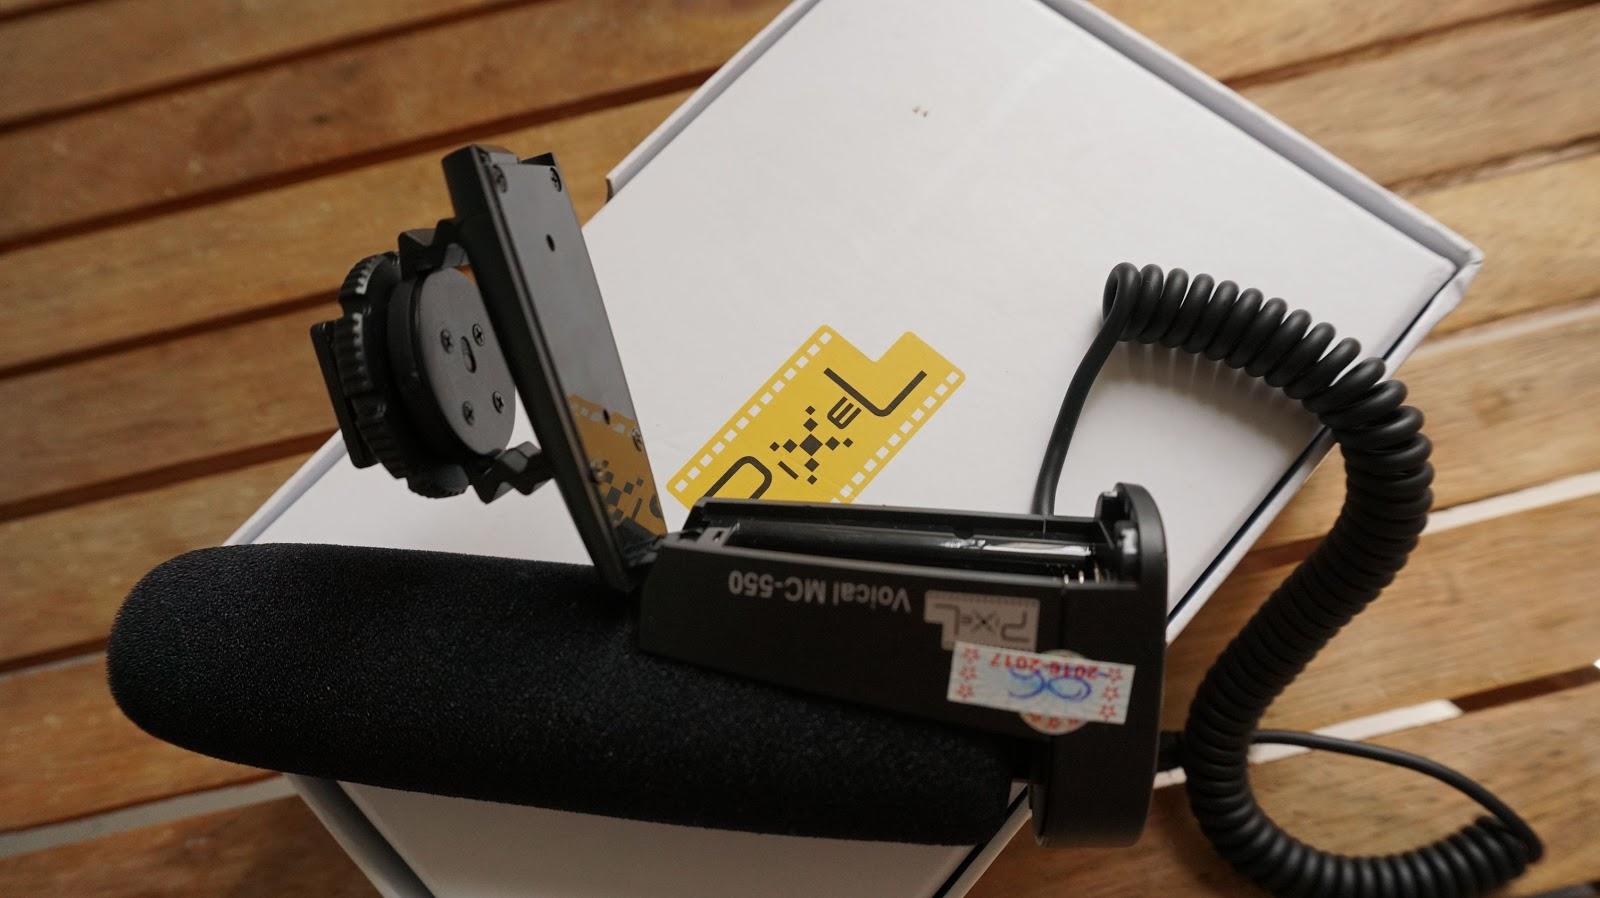 Chổ lắp Pin vào để sử dụng, có thể thu được hàng chục tiếng đồng hồ với 1 cục Pin tiểu